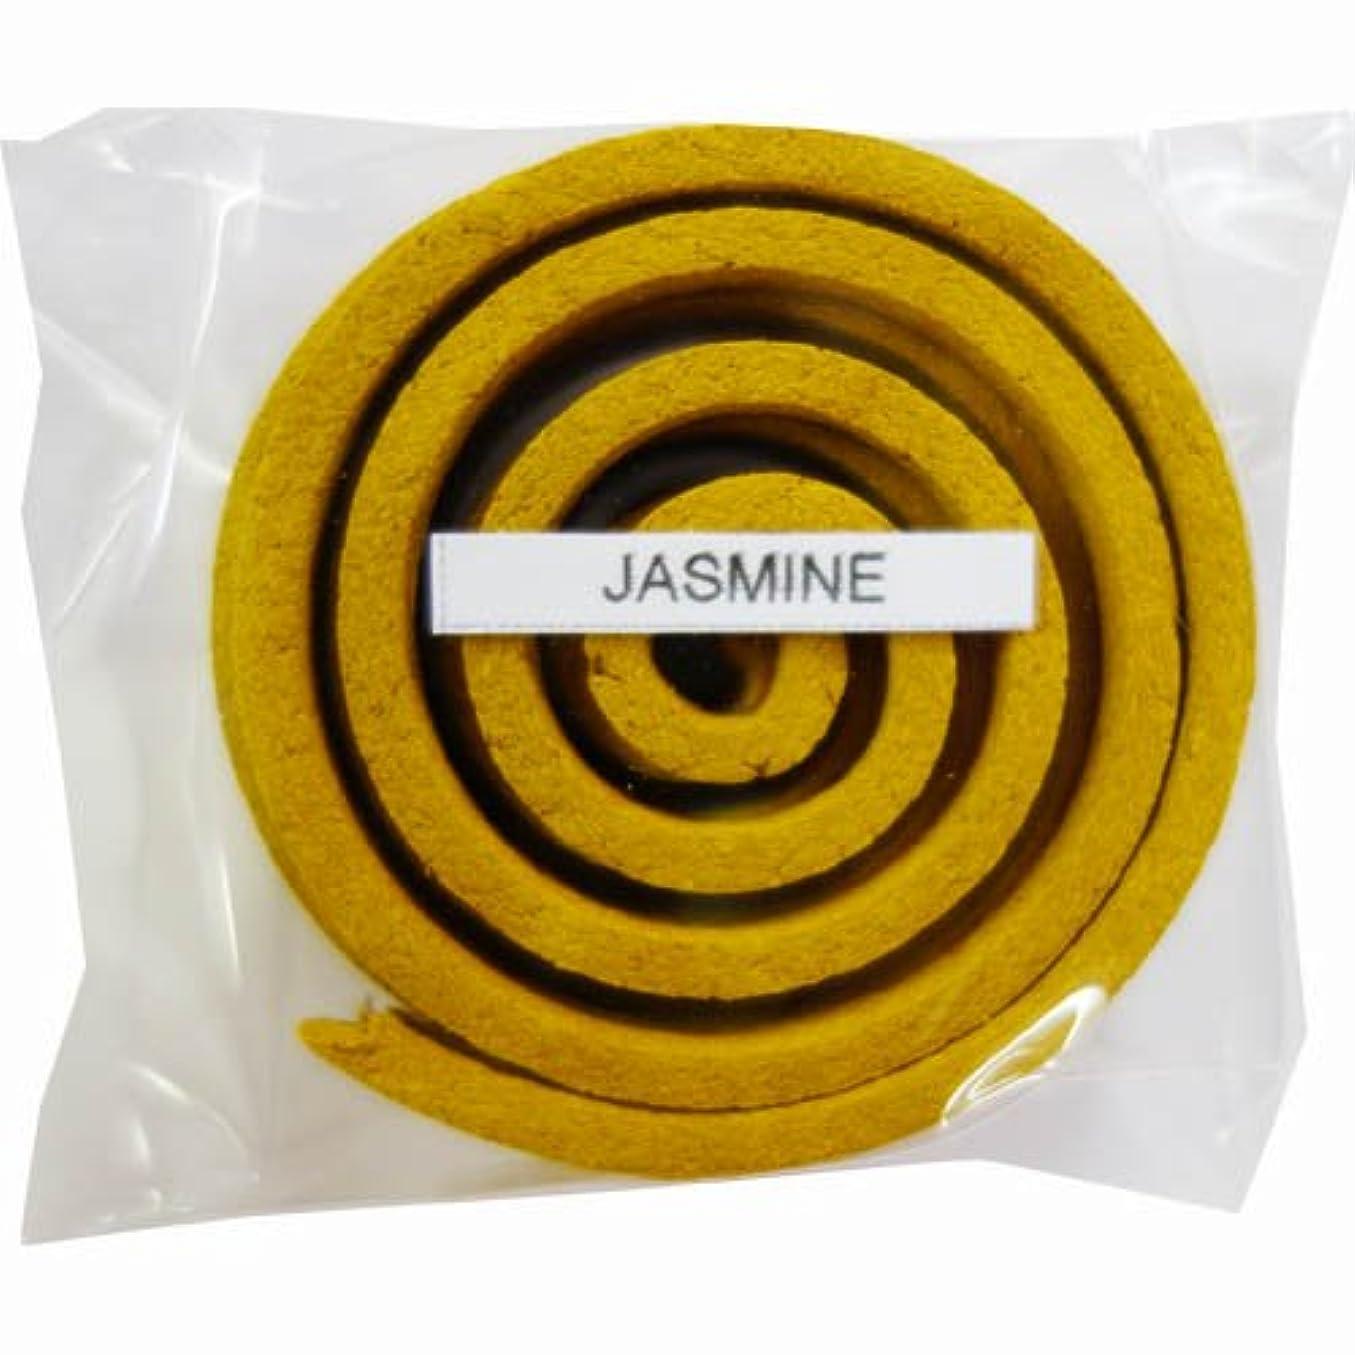 警報珍しい雑草お香/うずまき香 JASMINE ジャスミン 直径5cm×5巻セット [並行輸入品]